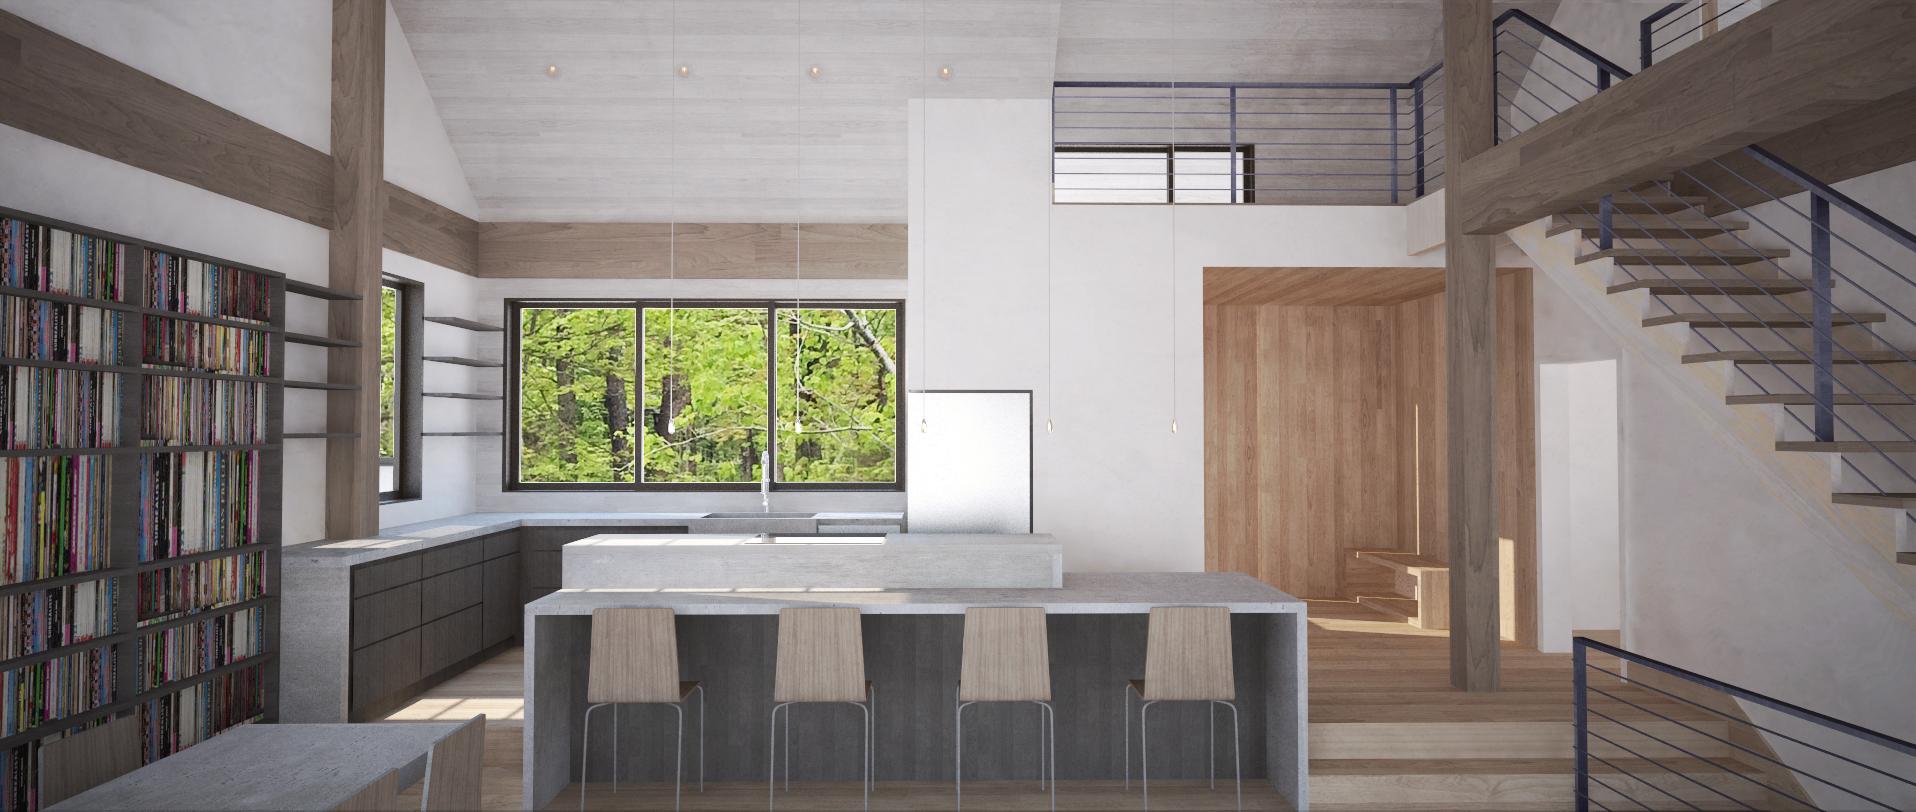 int_kitchen1.jpg